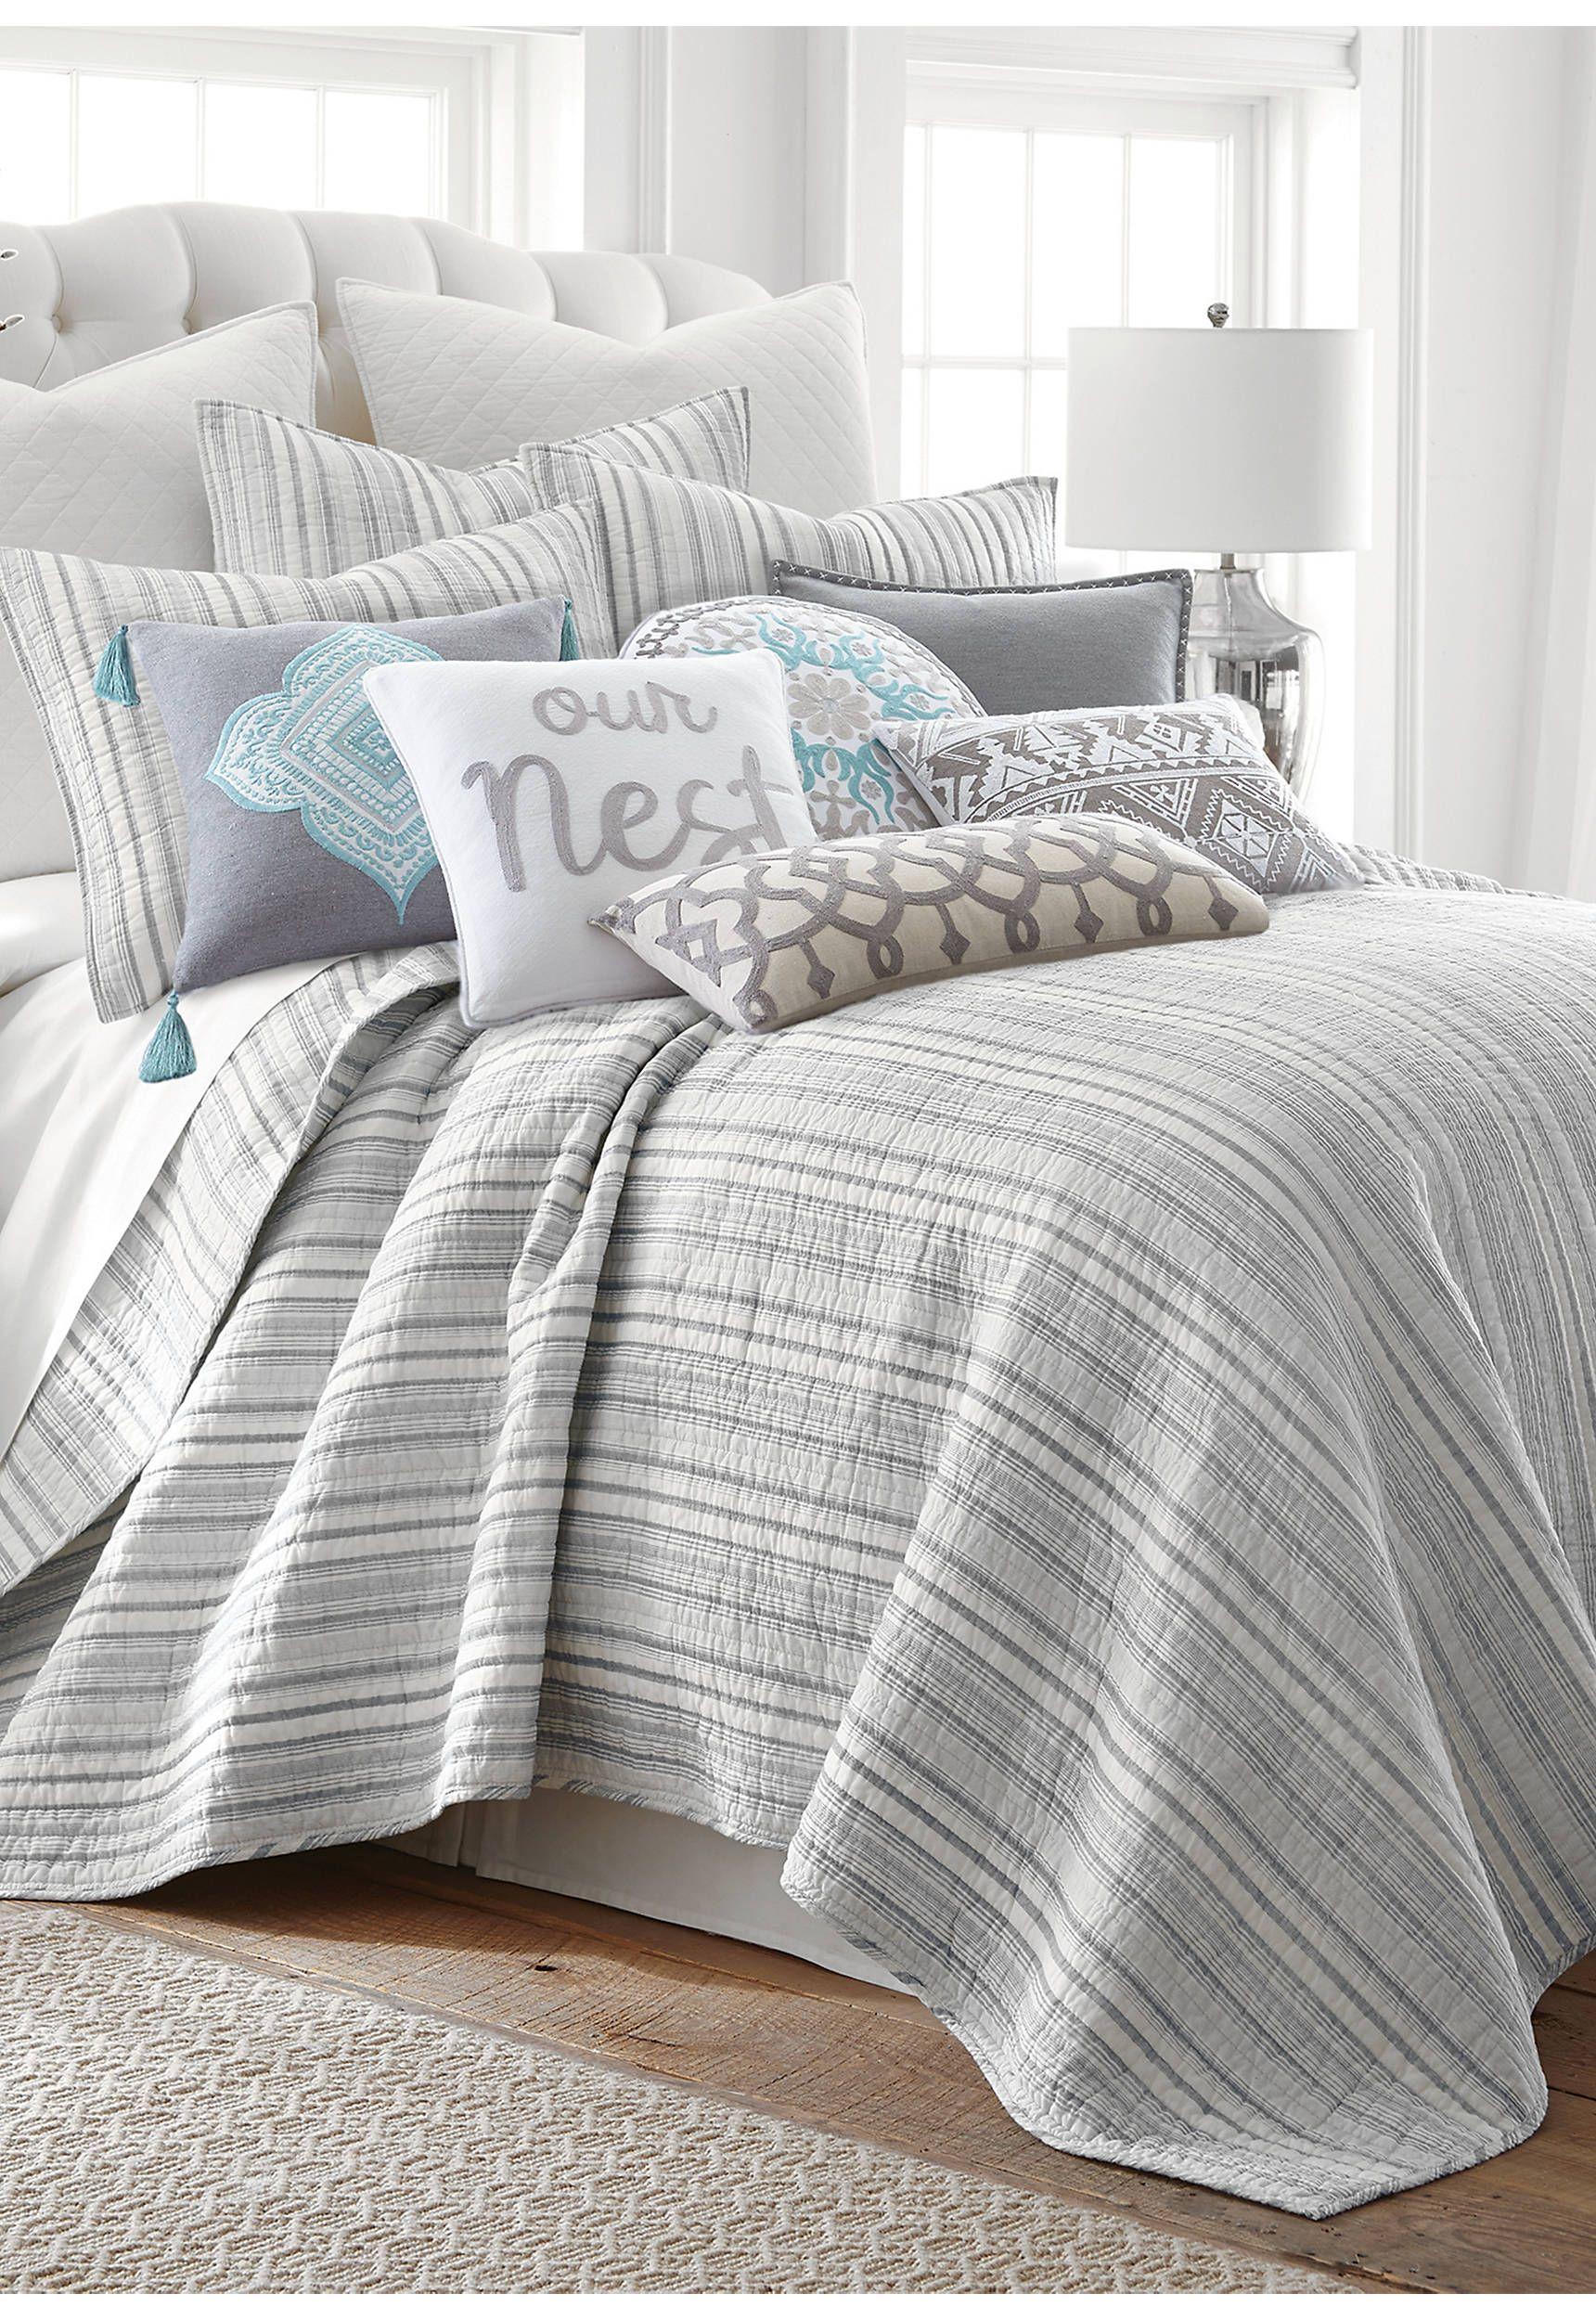 Levtex Vasari Stripe Gray Quilt Set Bedroom Design Bedroom Decor Bedroom Quilts